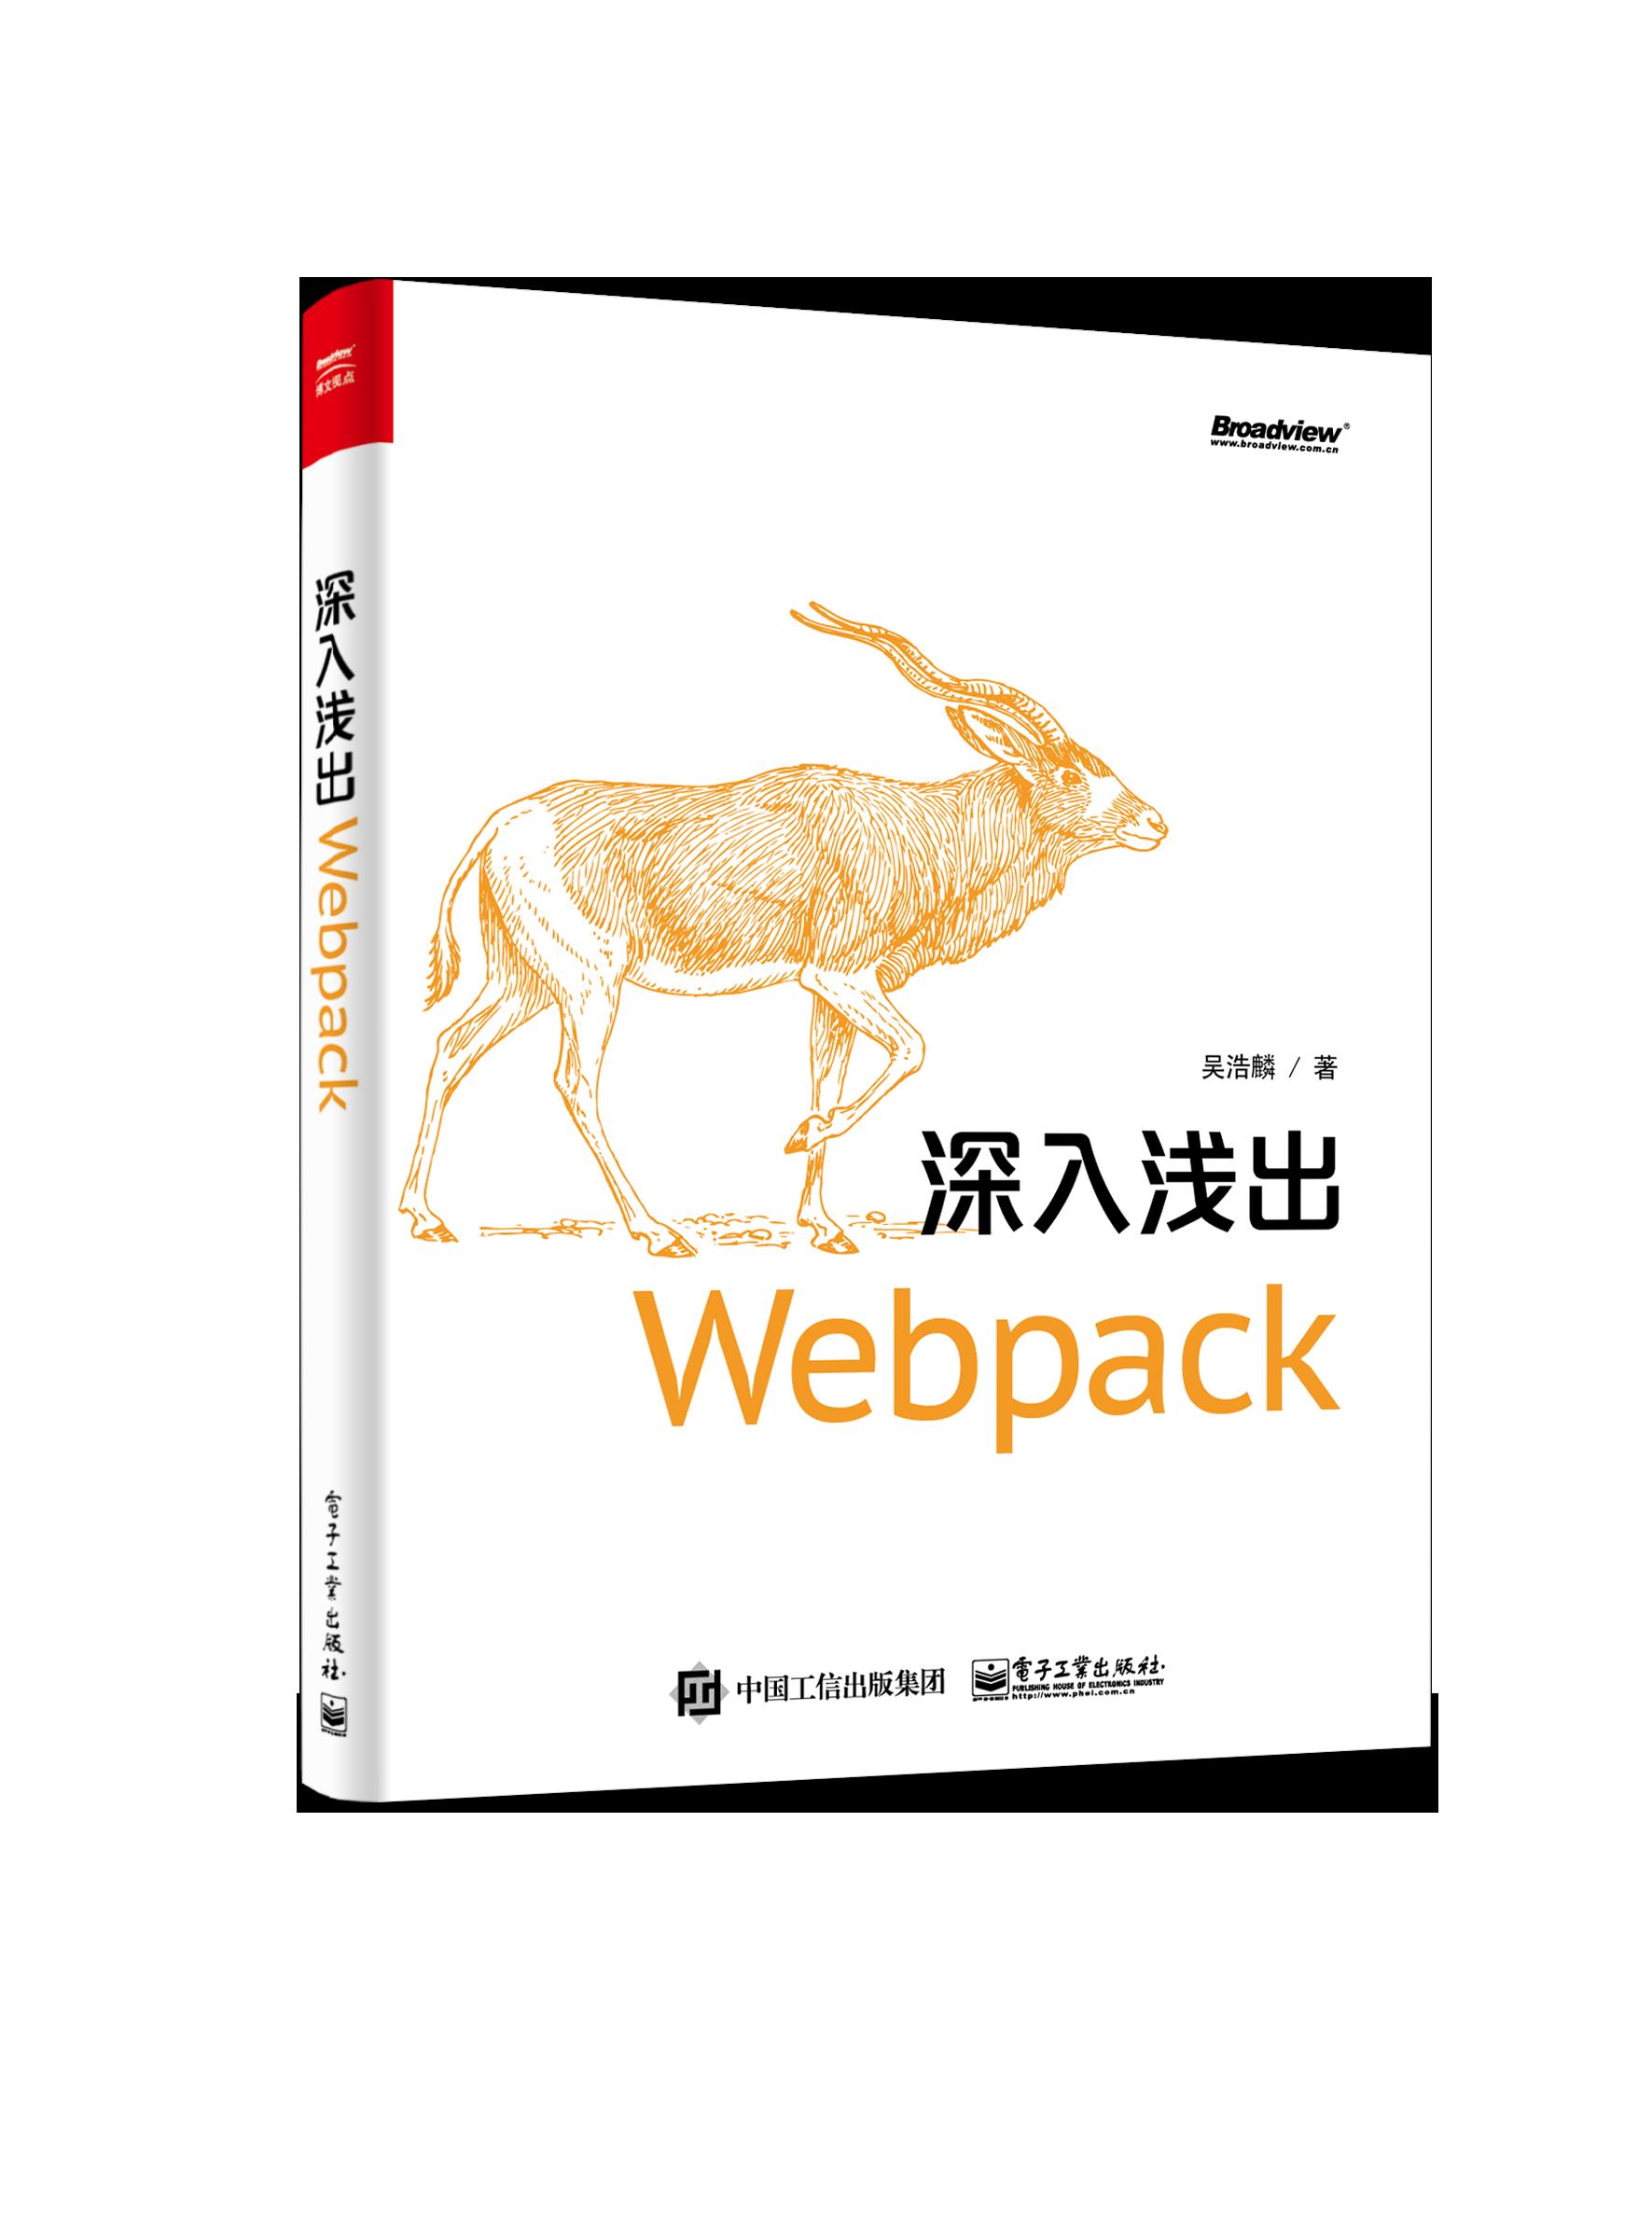 深入浅出 Webpack